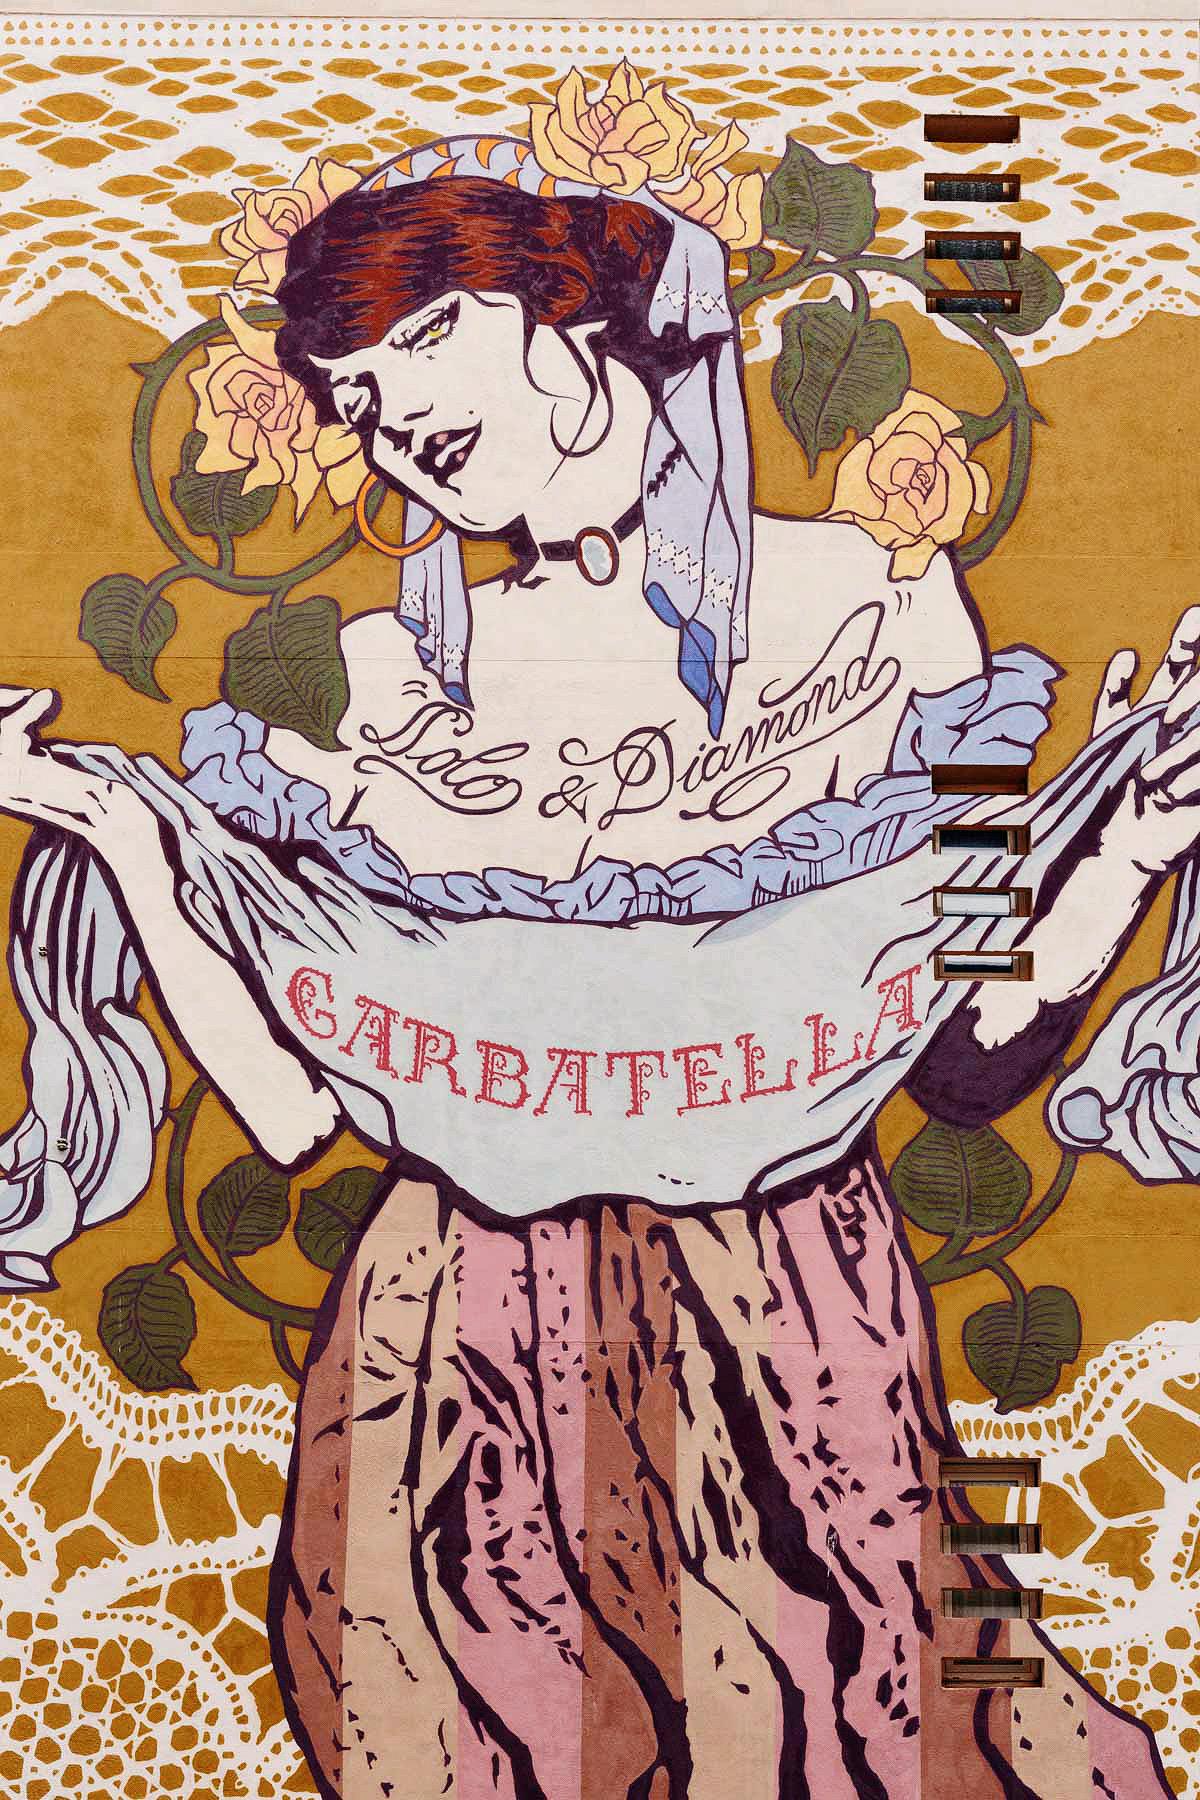 Garbatella, murale realizzato dagli artisti Solo & Diamond